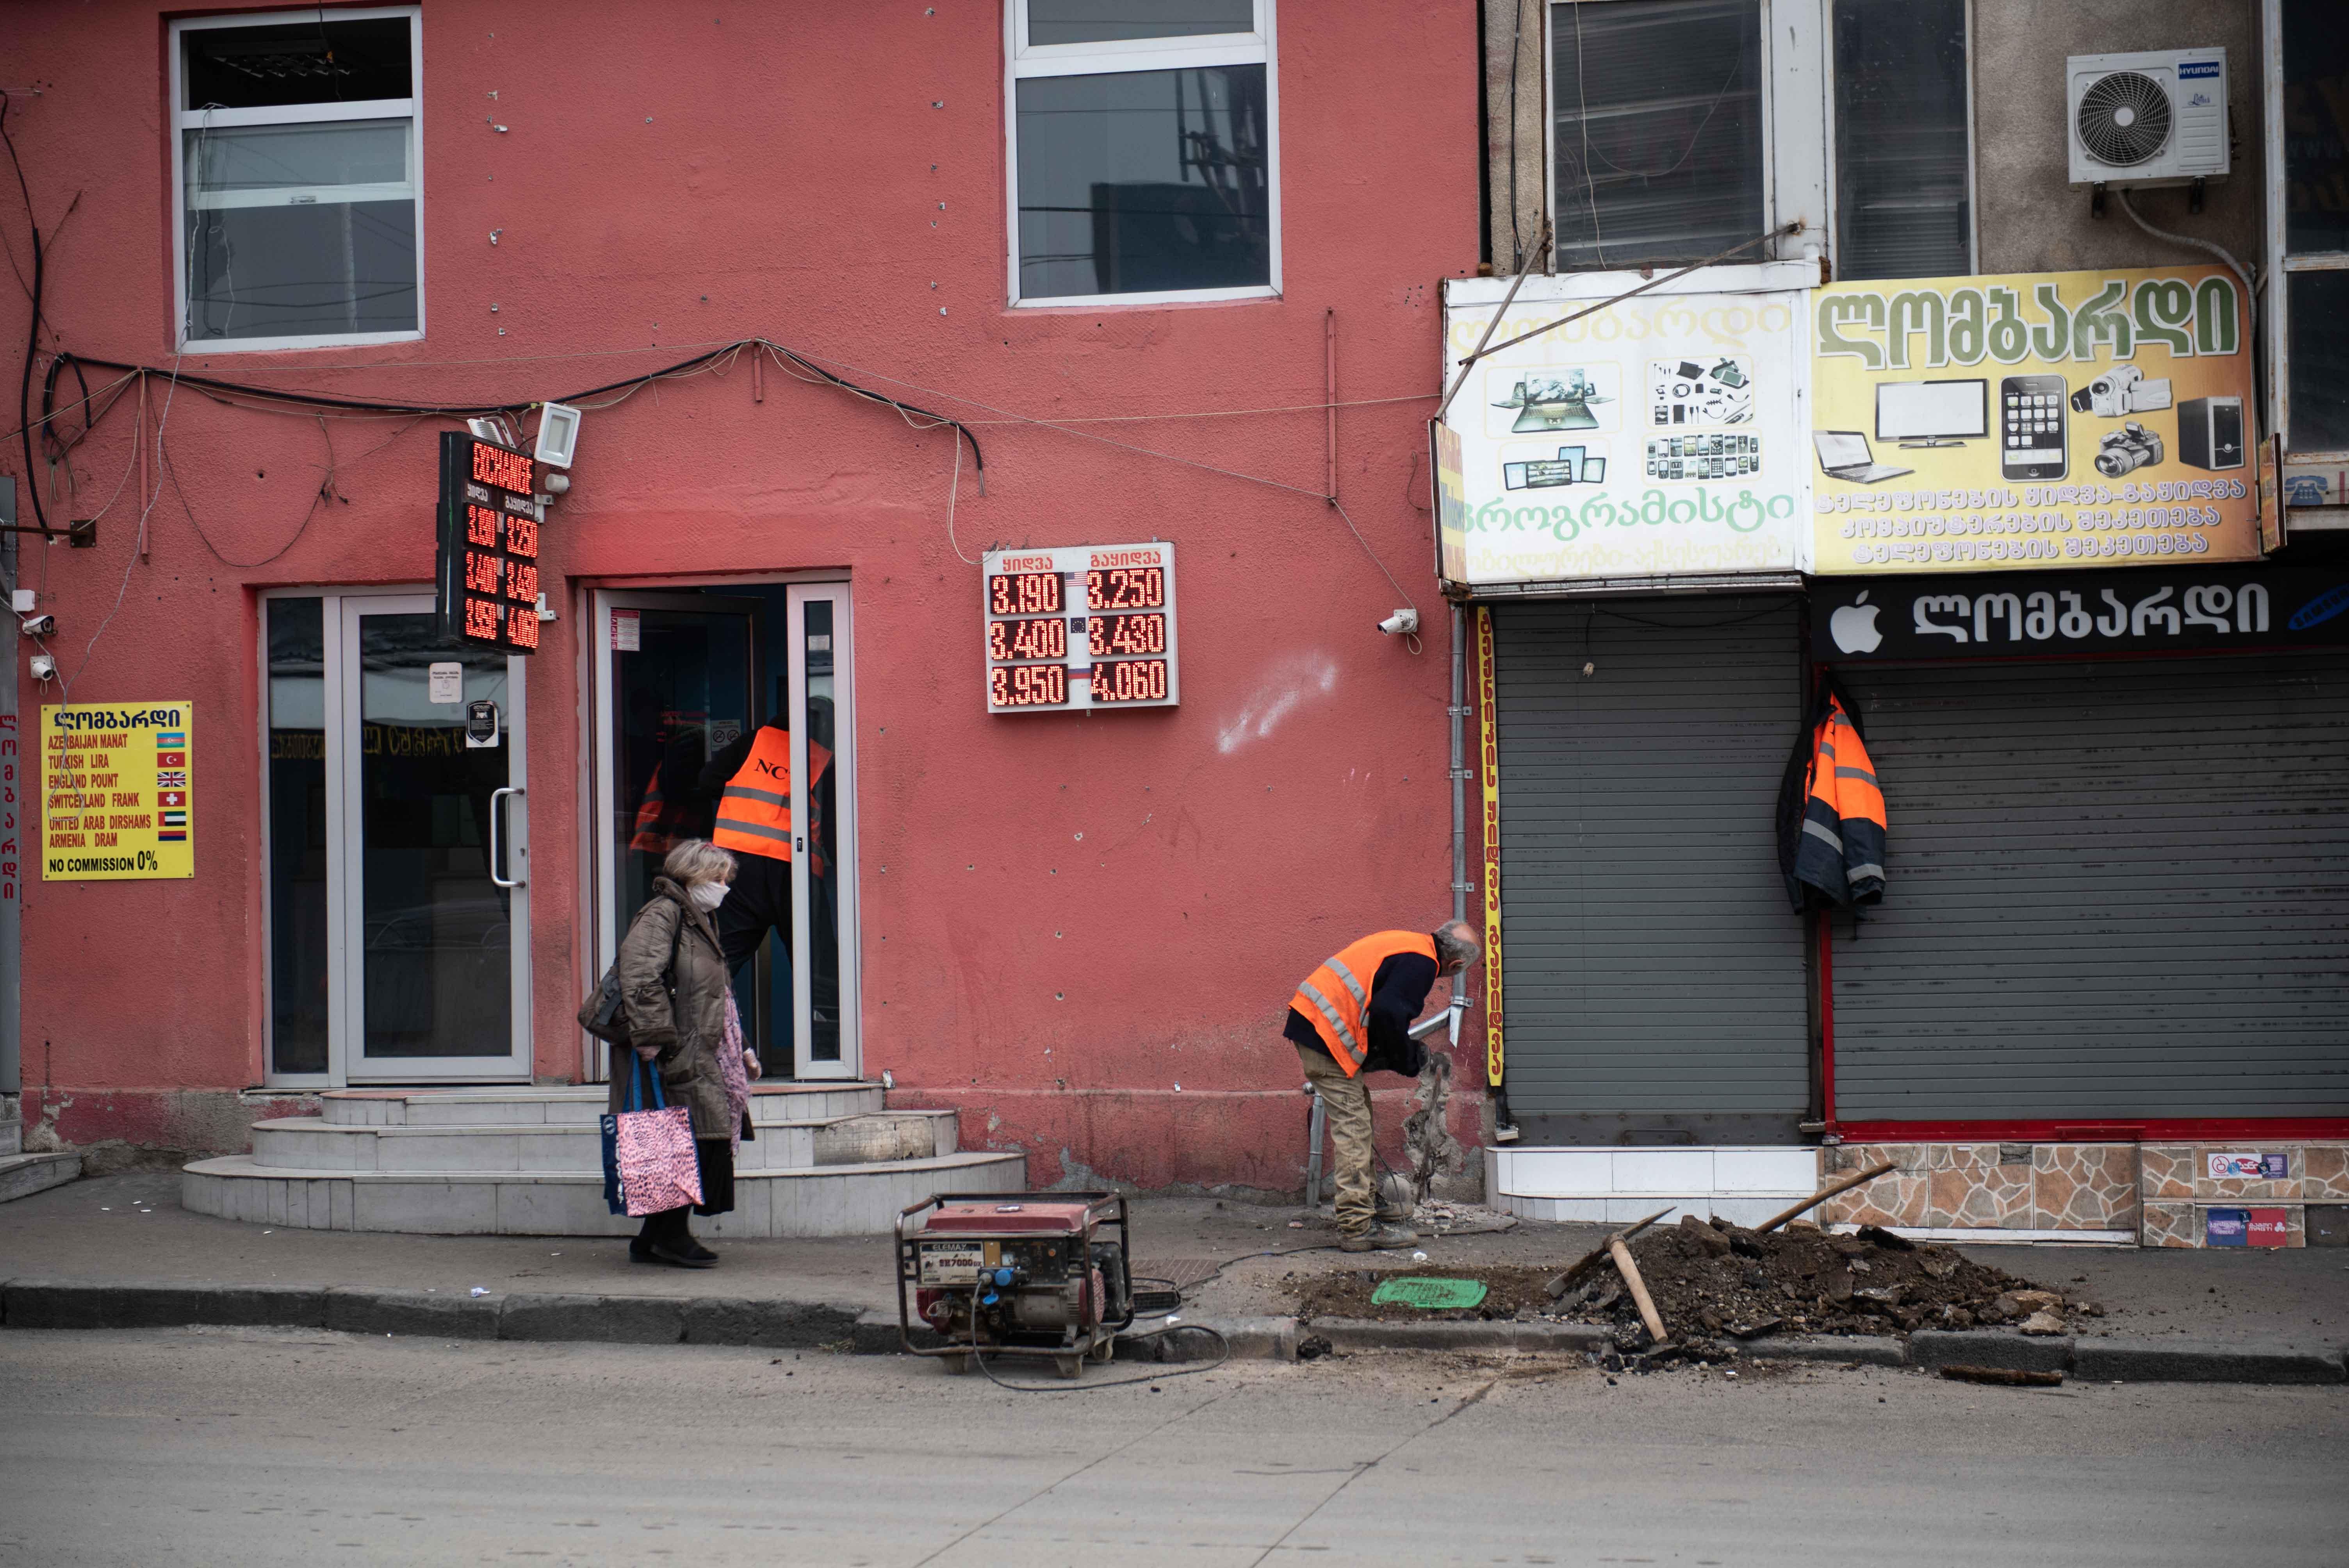 Строительные и инфраструктурные работы всё ещё продолжаются. Фото: Мариам Никурадзе/OC Media